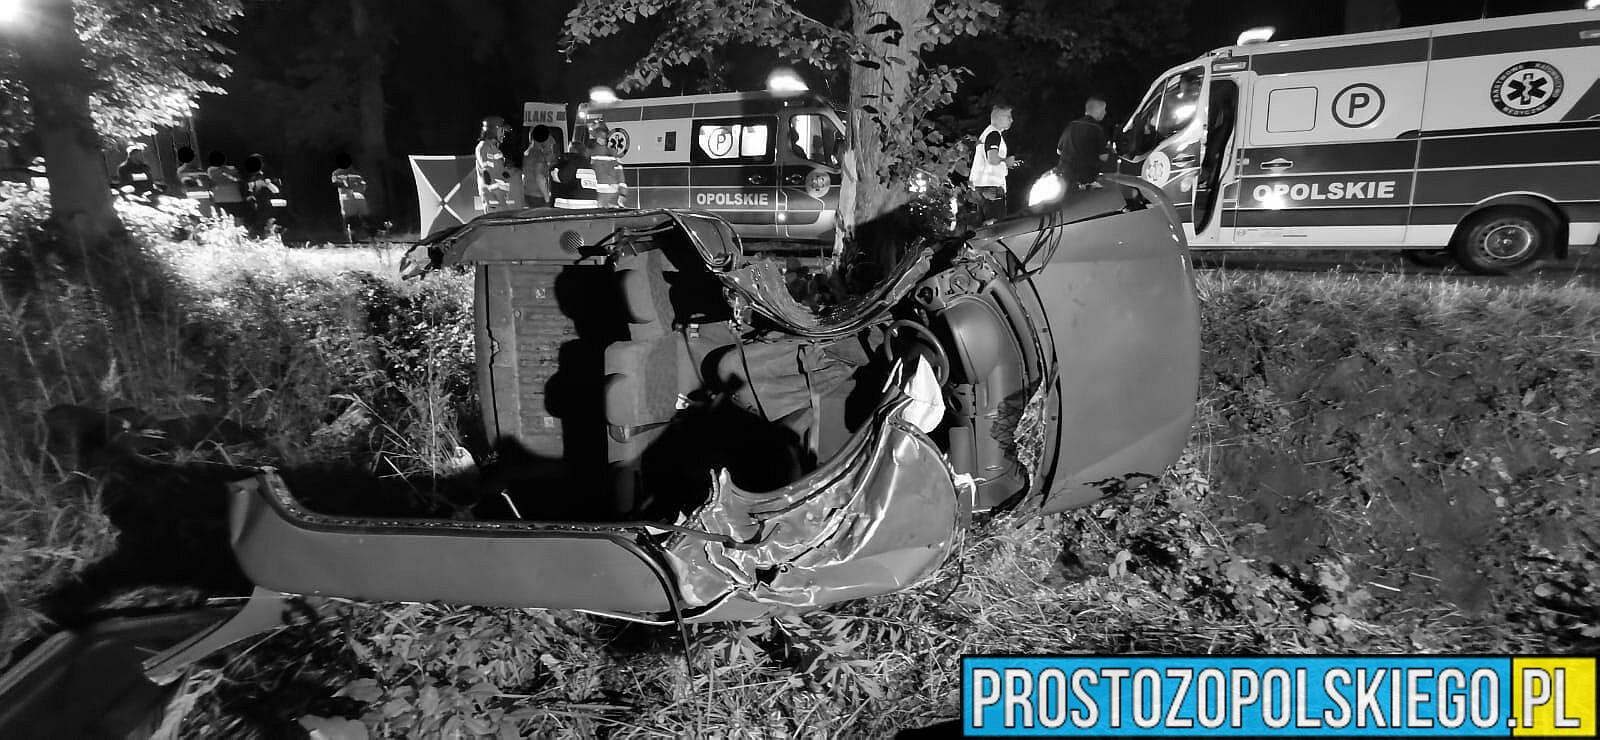 Tragiczny wypadek w gminie Pokój w powiece Namysłowskim. Jedna osoba nie żyje. Policjanci ustalają kto kierował autem.(Zdjęcia)